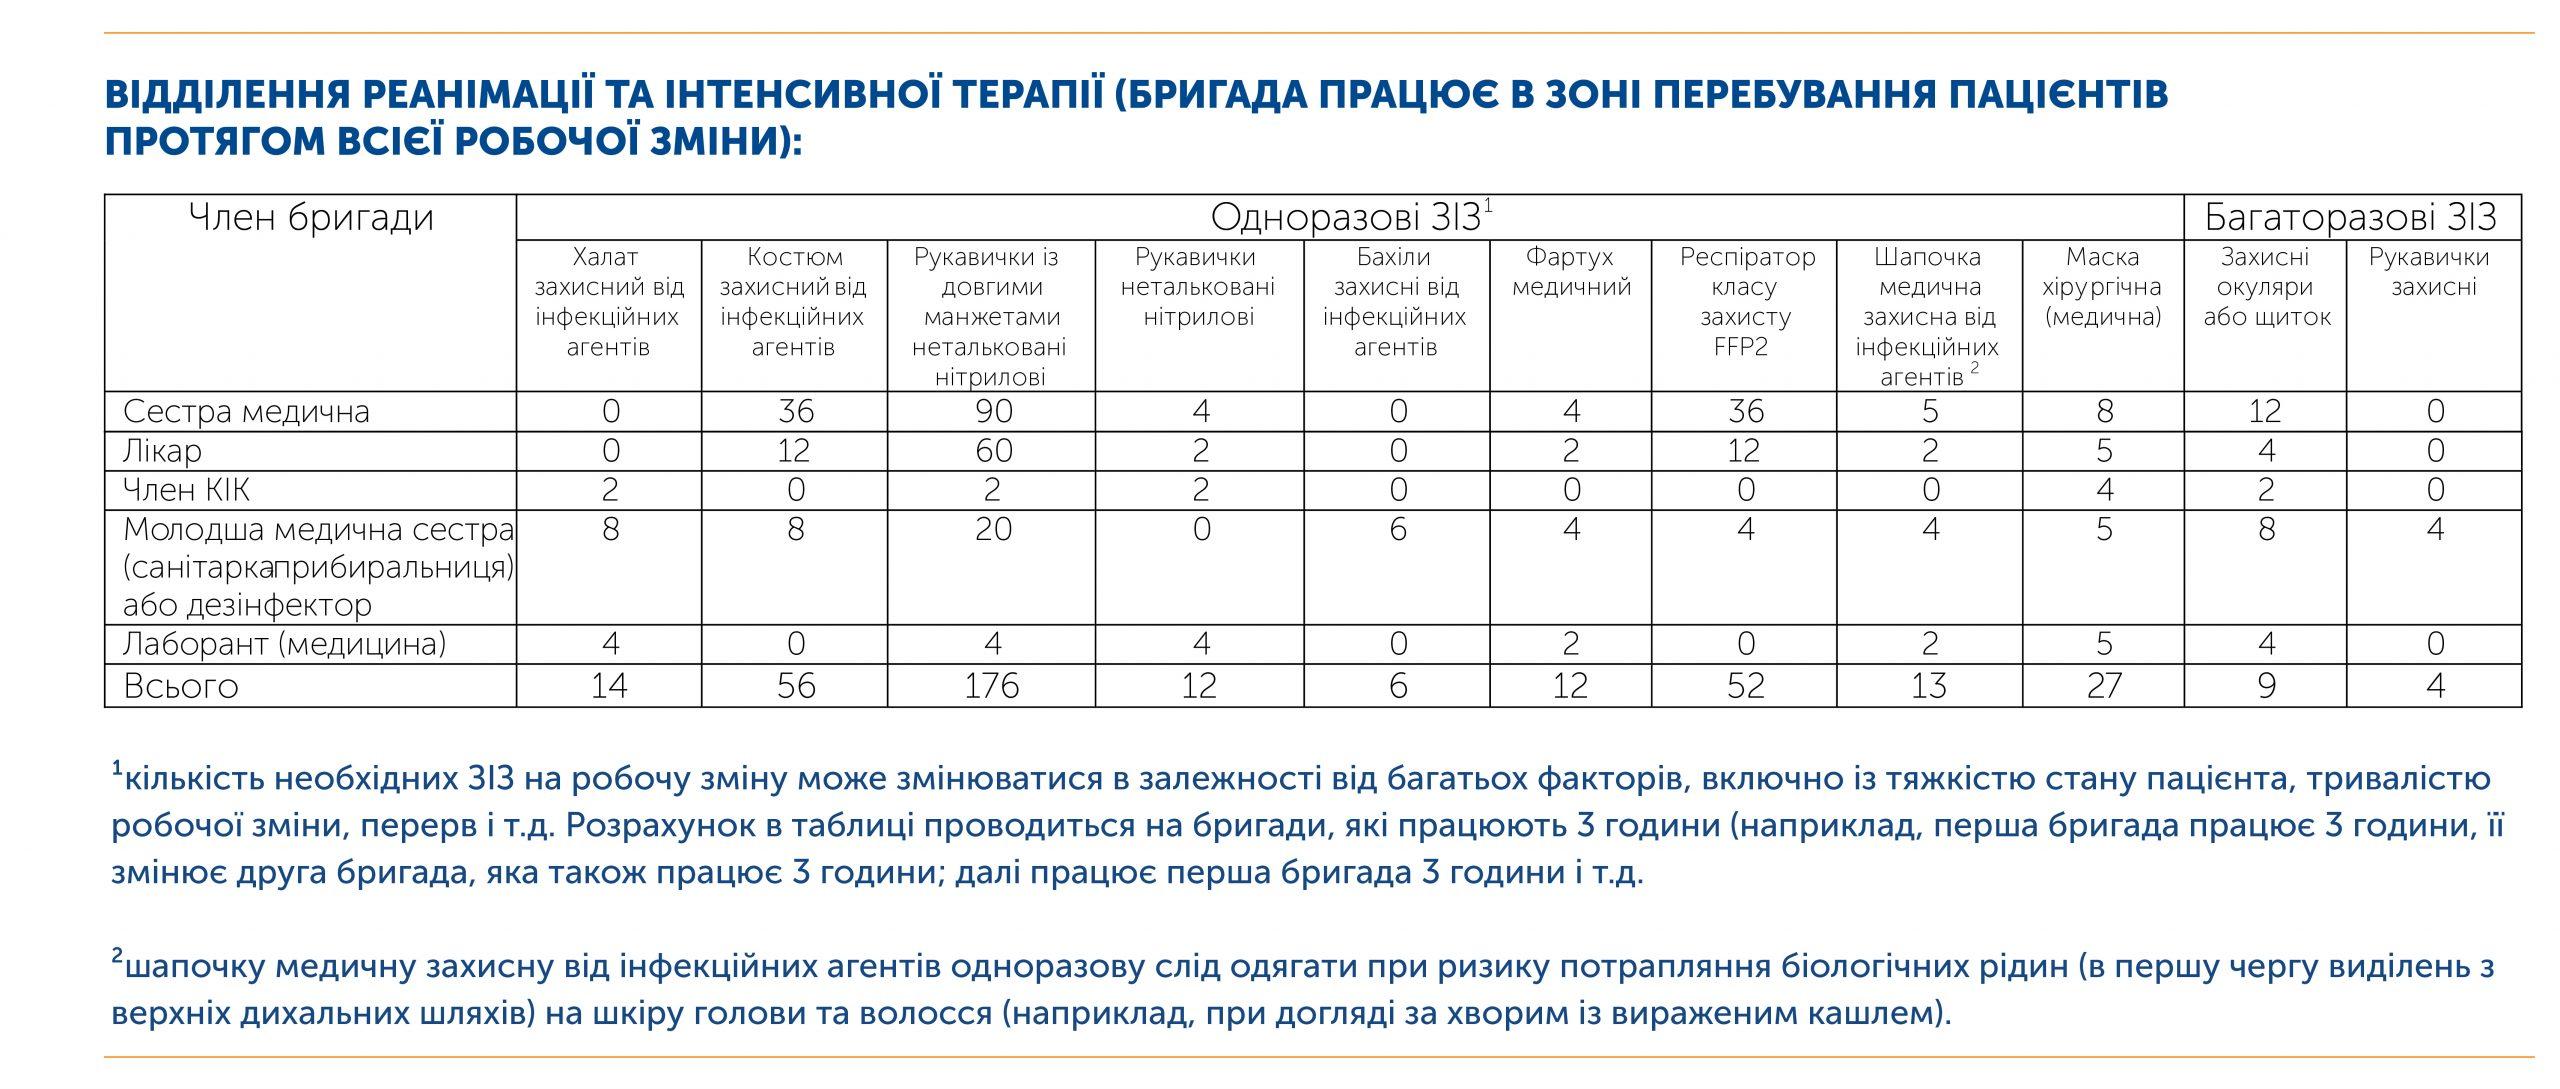 Розрахунок запасів ЗІЗ для відділення реанімації та інтенсивної терапії